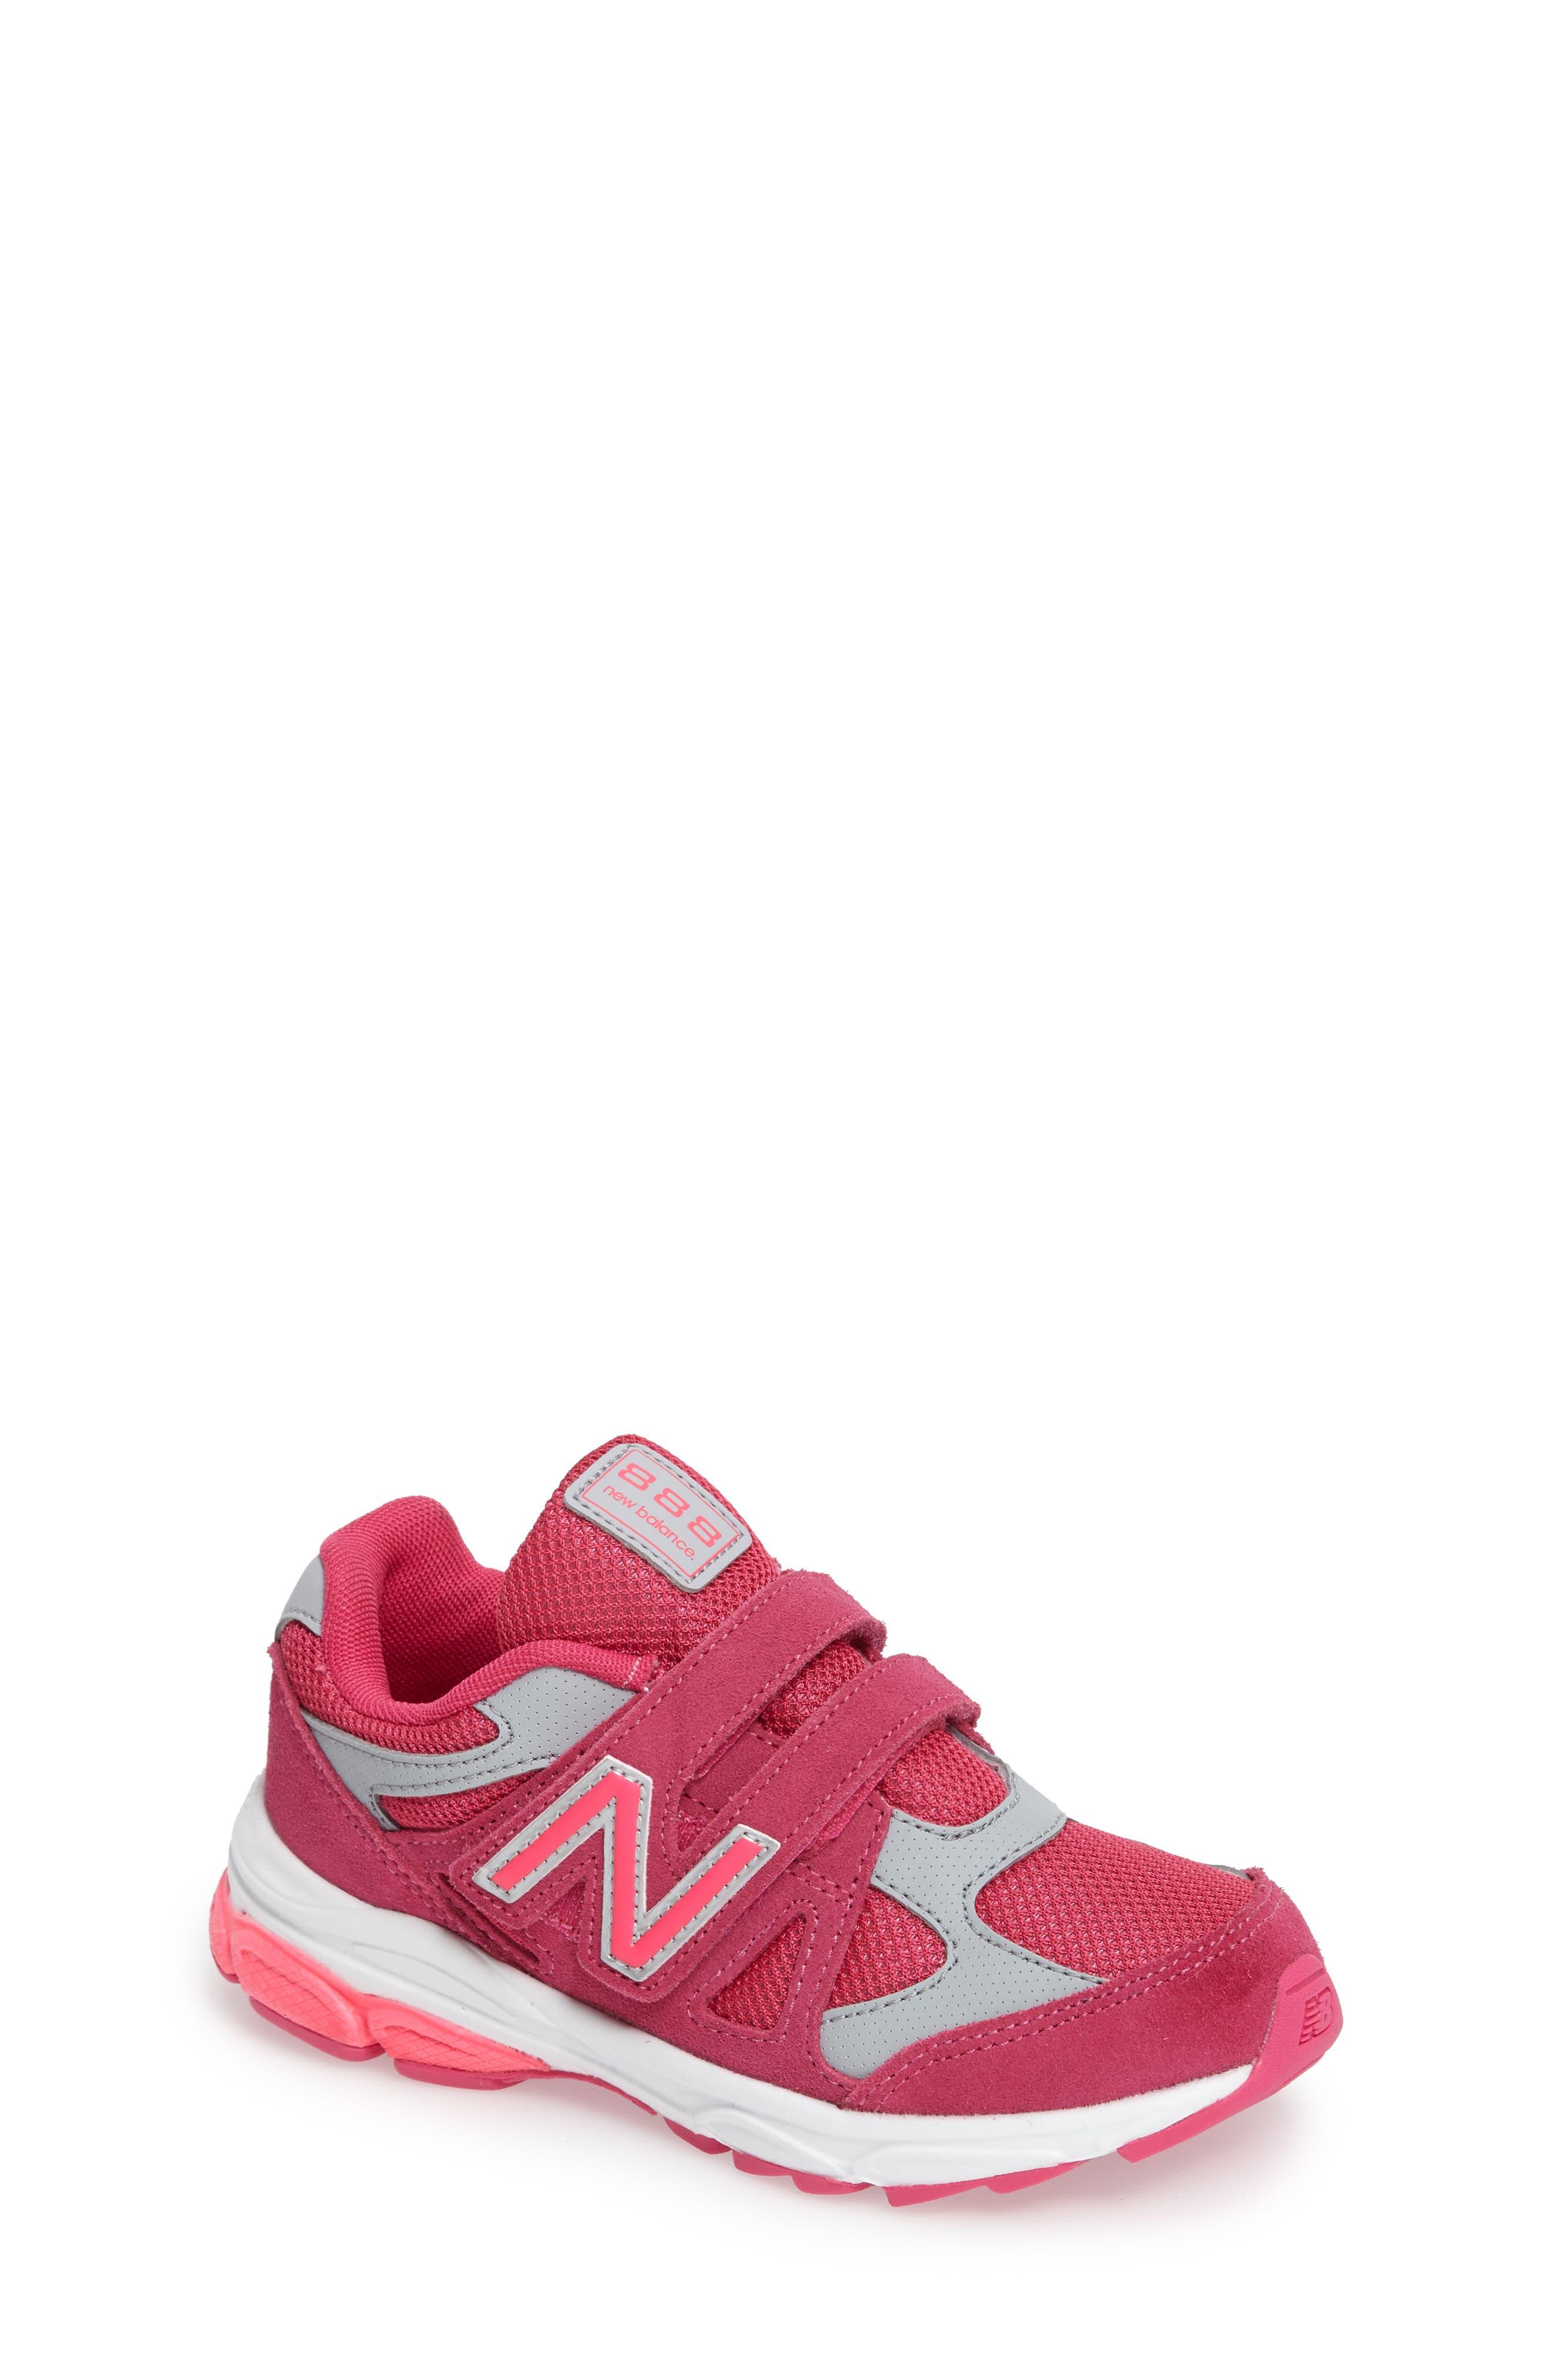 888 Sneaker,                         Main,                         color, Pink/Grey